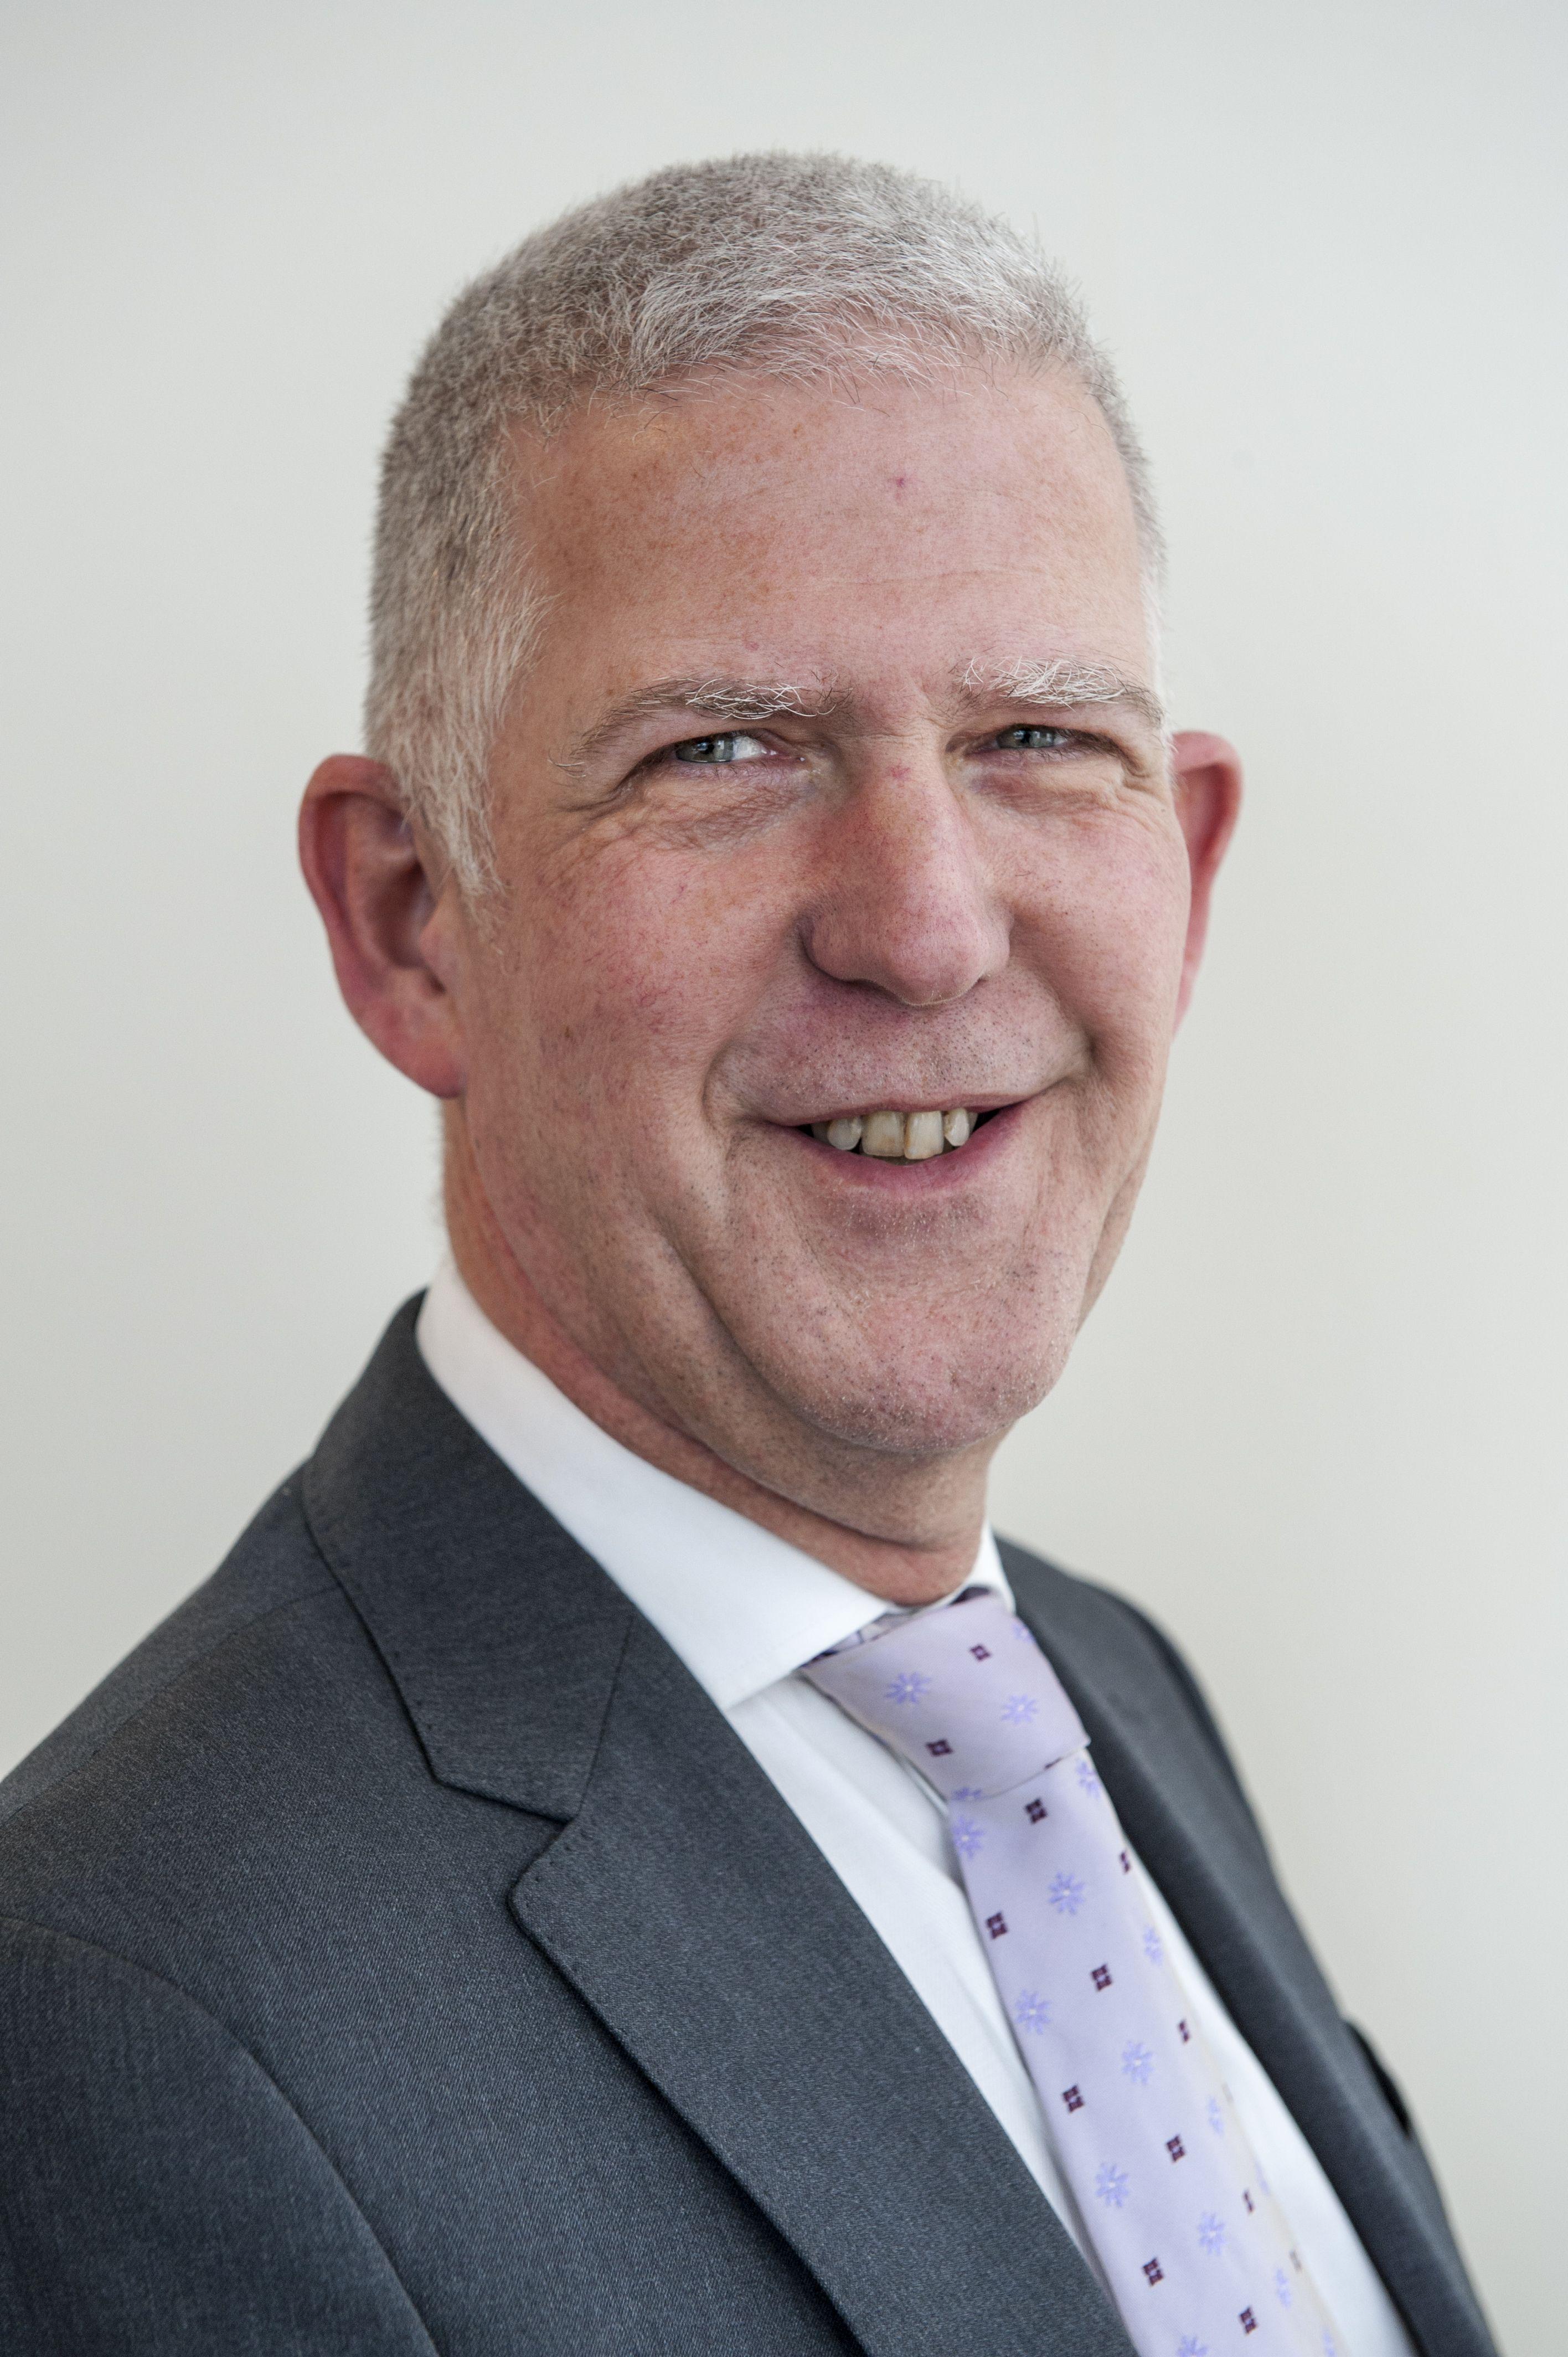 Mr. Auke Van Der Meer